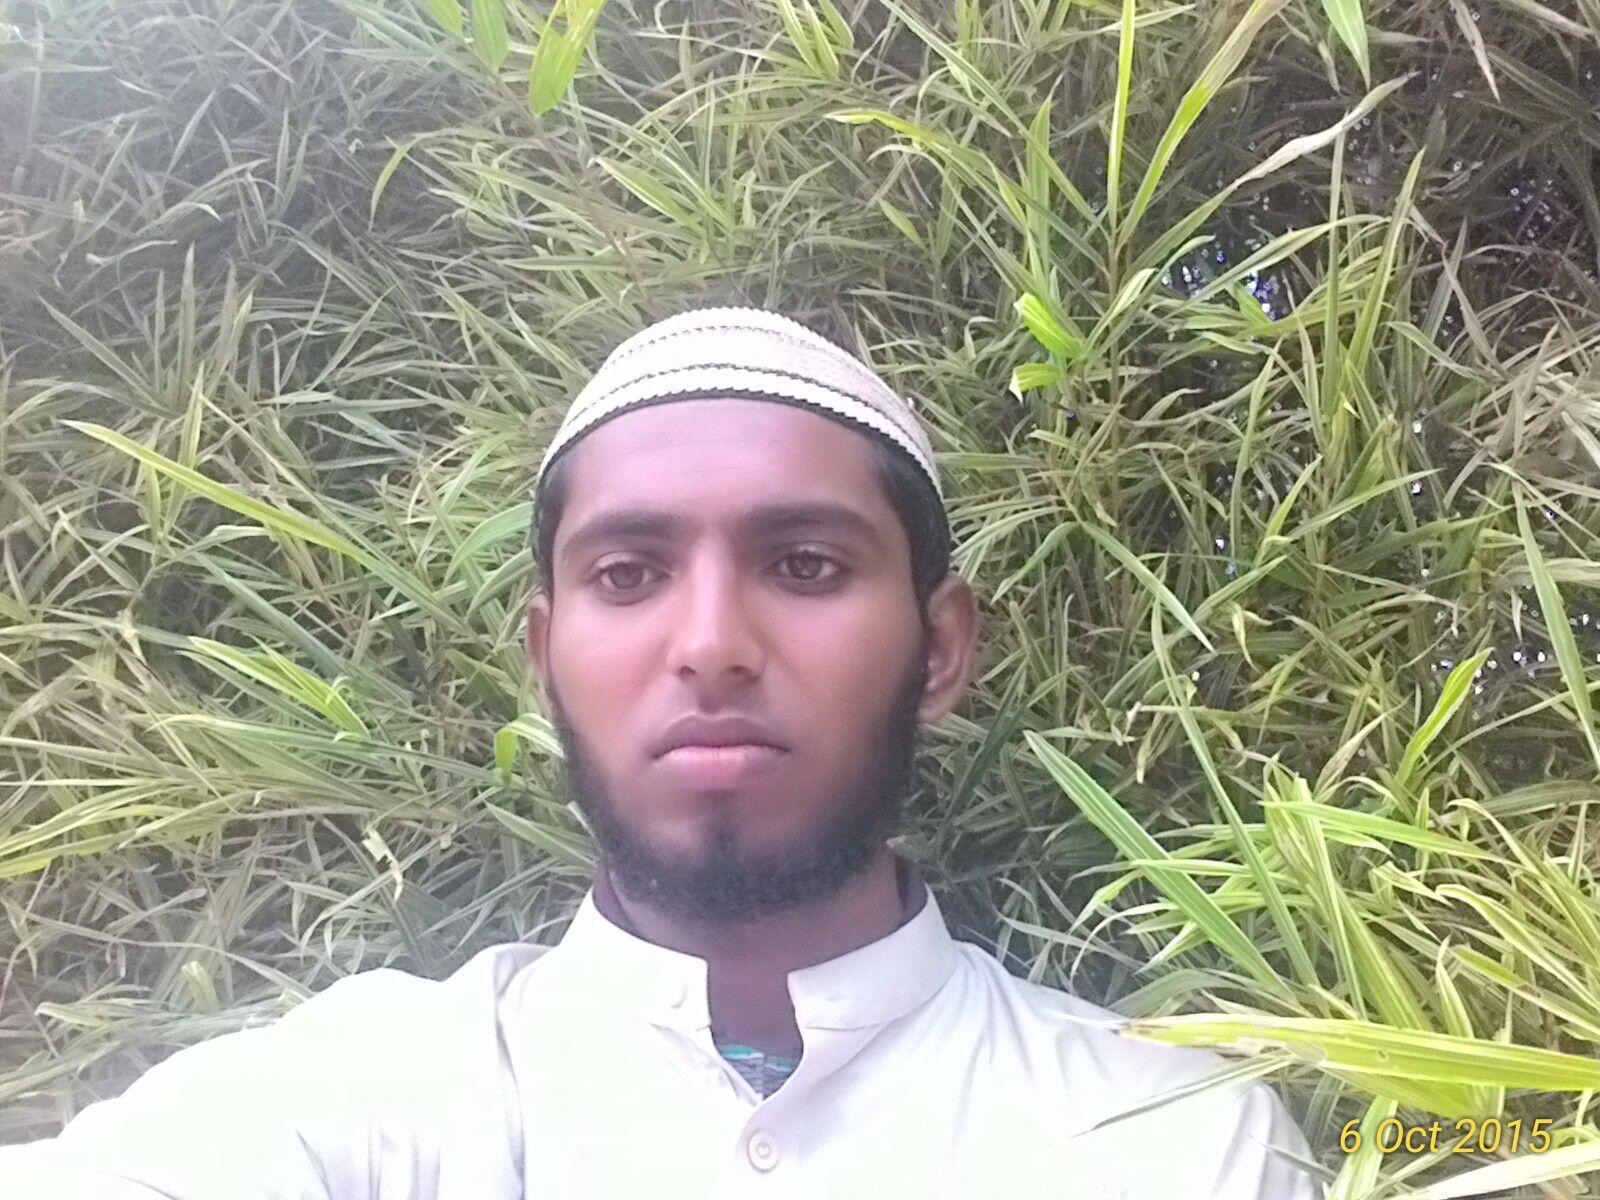 Ashraf Ali S